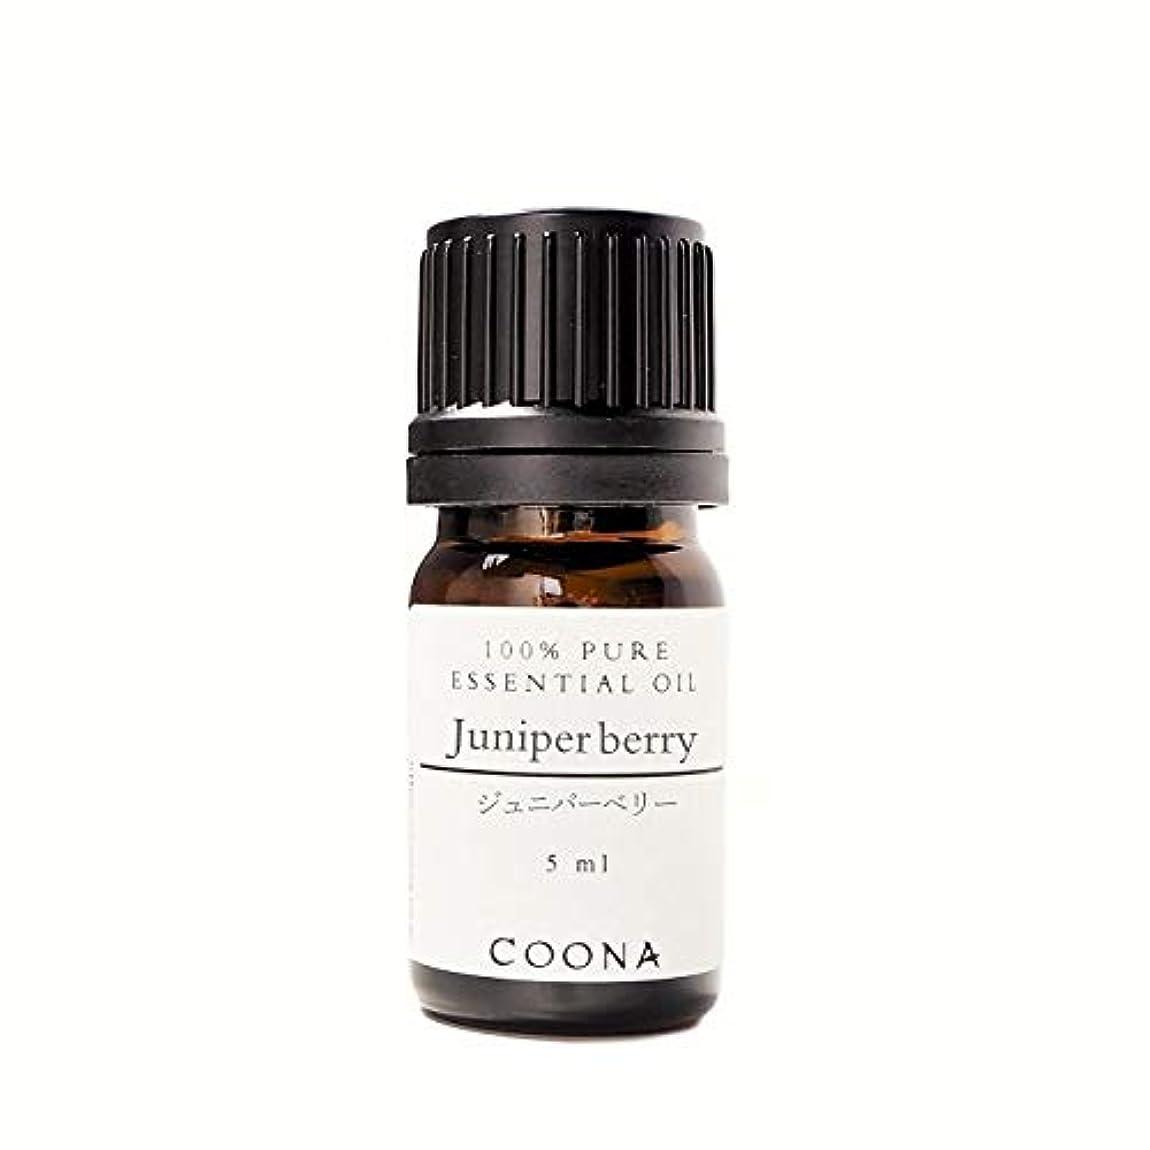 散文ボイド形式ジュニパーベリー 5 ml (COONA エッセンシャルオイル アロマオイル 100%天然植物精油)